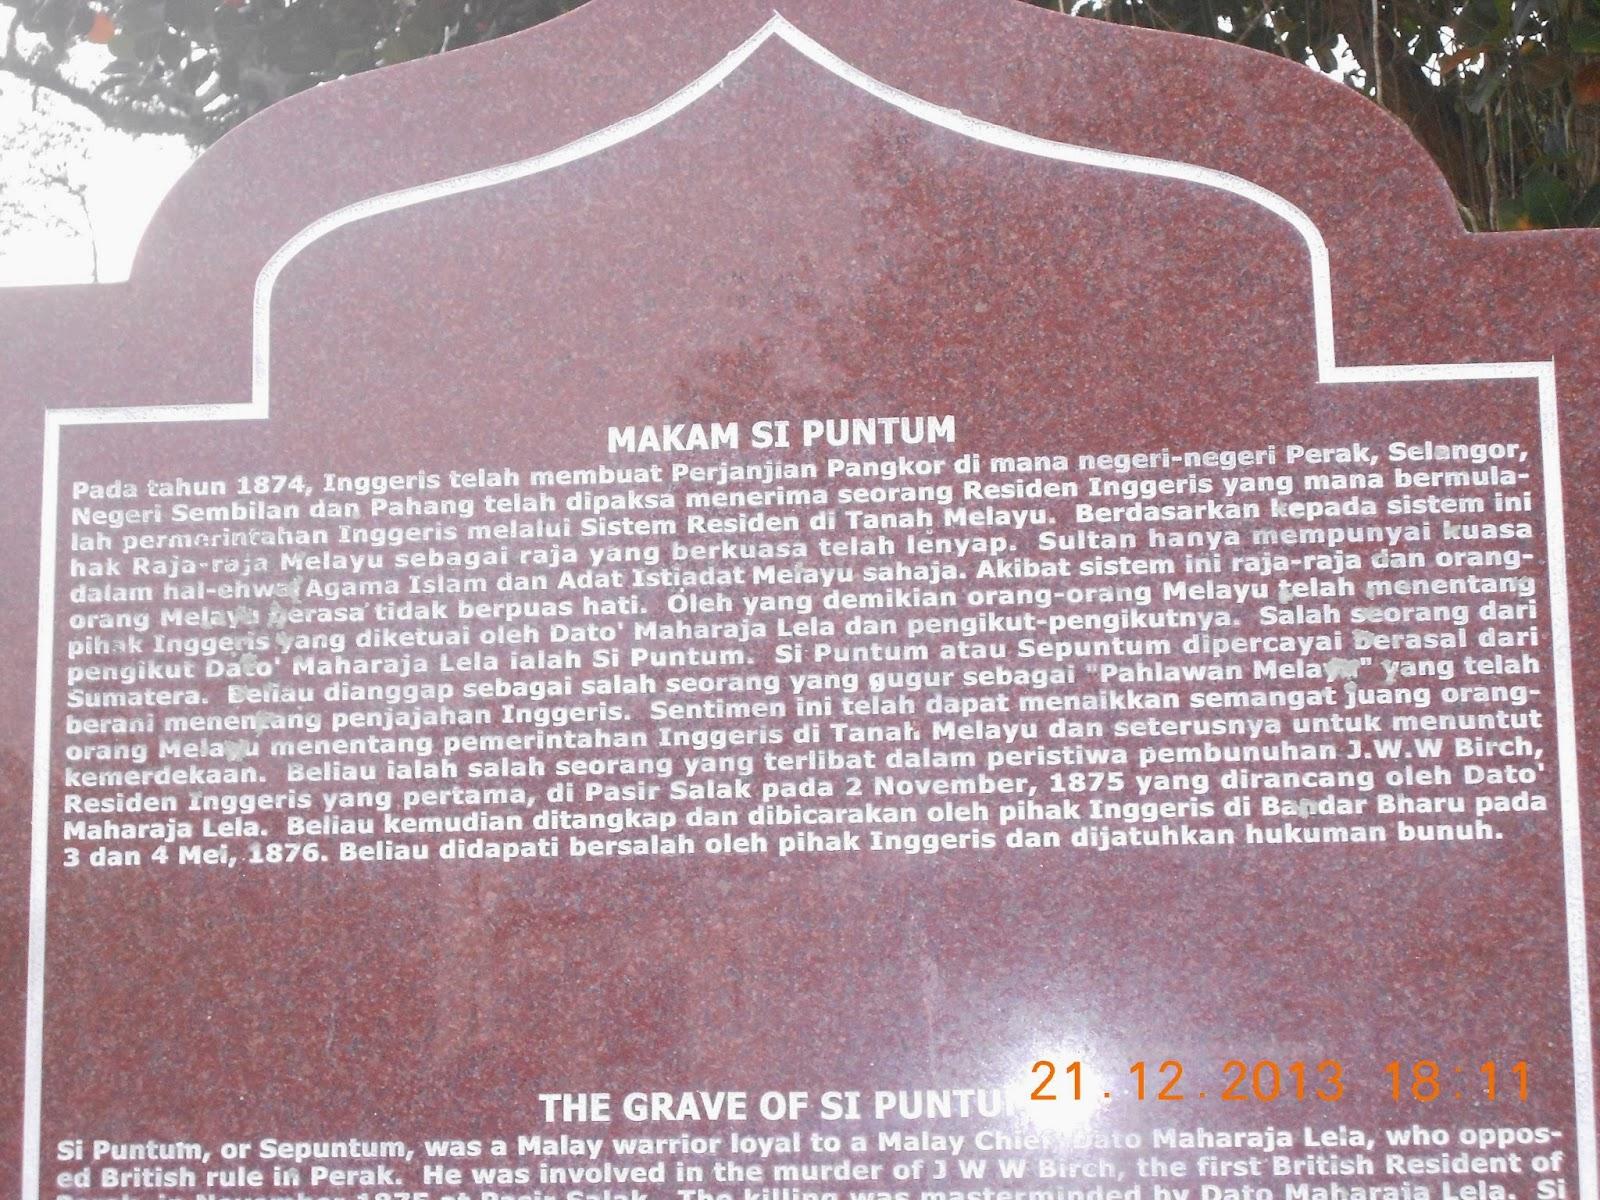 Kuasa Raja Melayu sudah lama hilang dalam Perjanjian Pangkor  pada tahun 1874